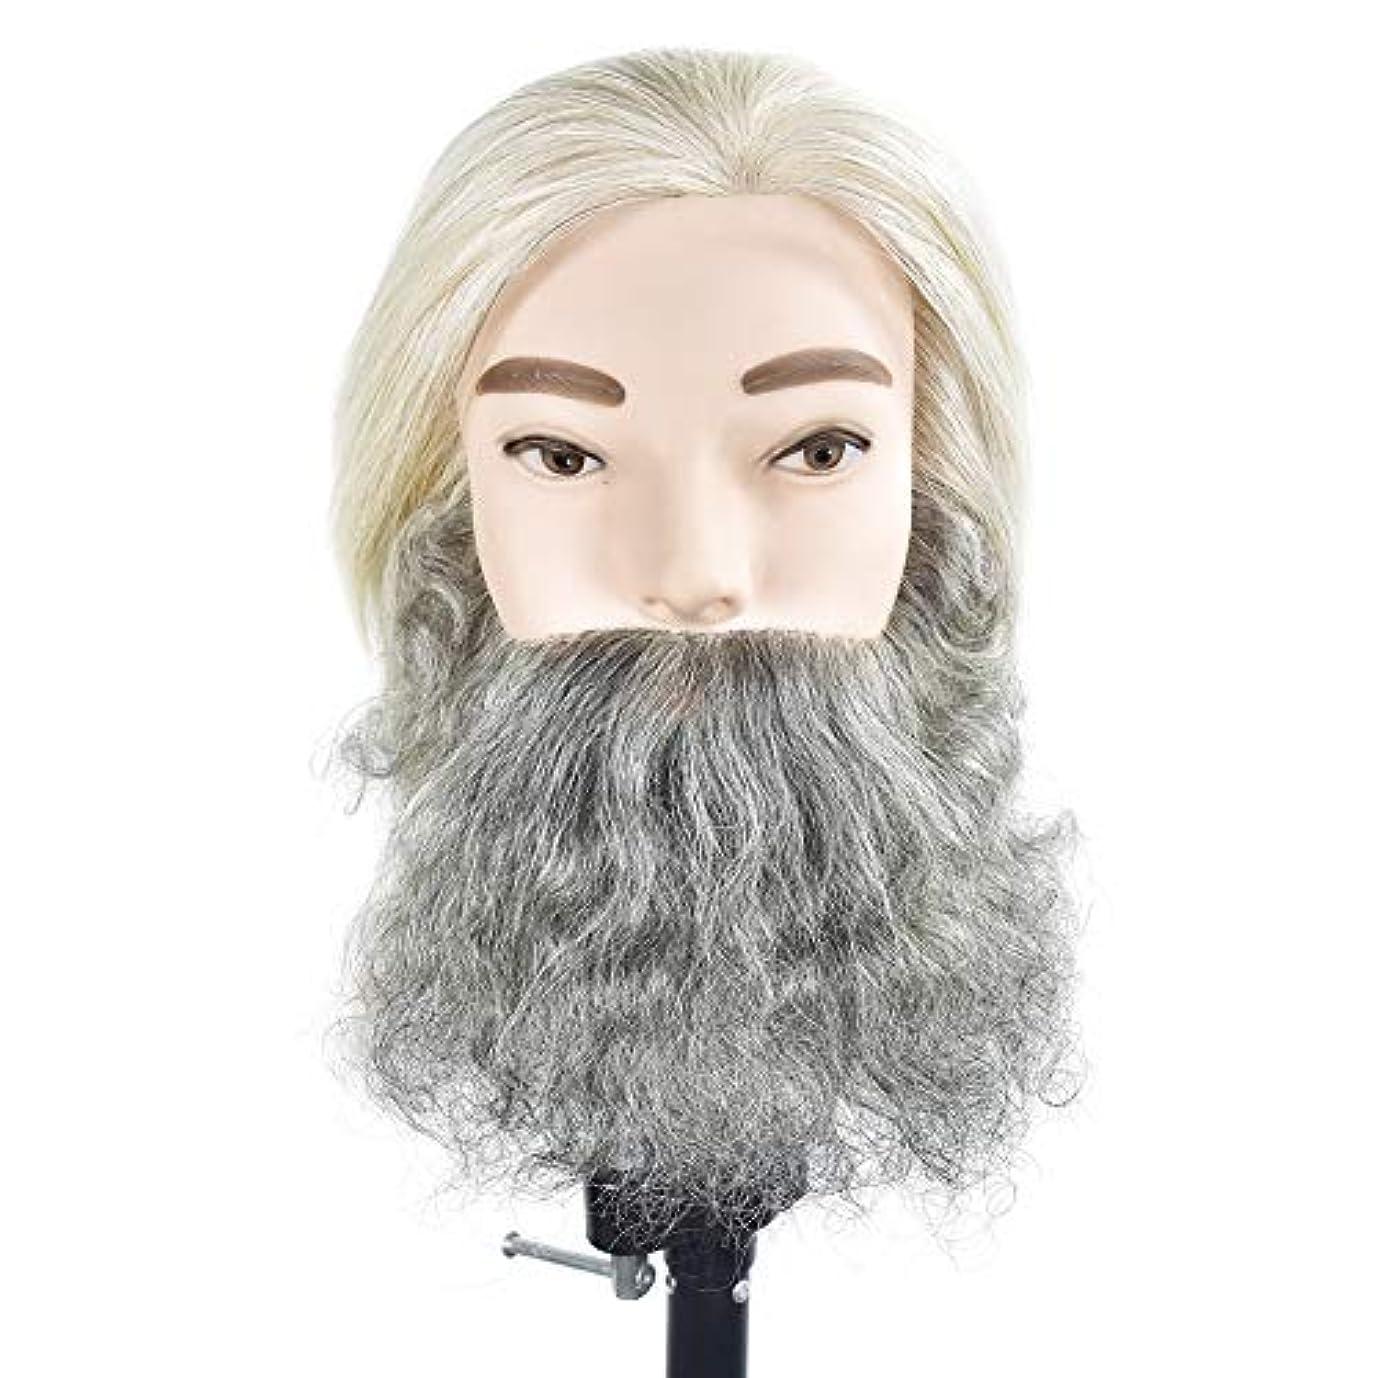 台風弱いベテランリアル人間の髪トレーニングヘッドパーマ髪モデル髪染め理髪ダミーヘッドトリミングひげ学習ヘッドモデル